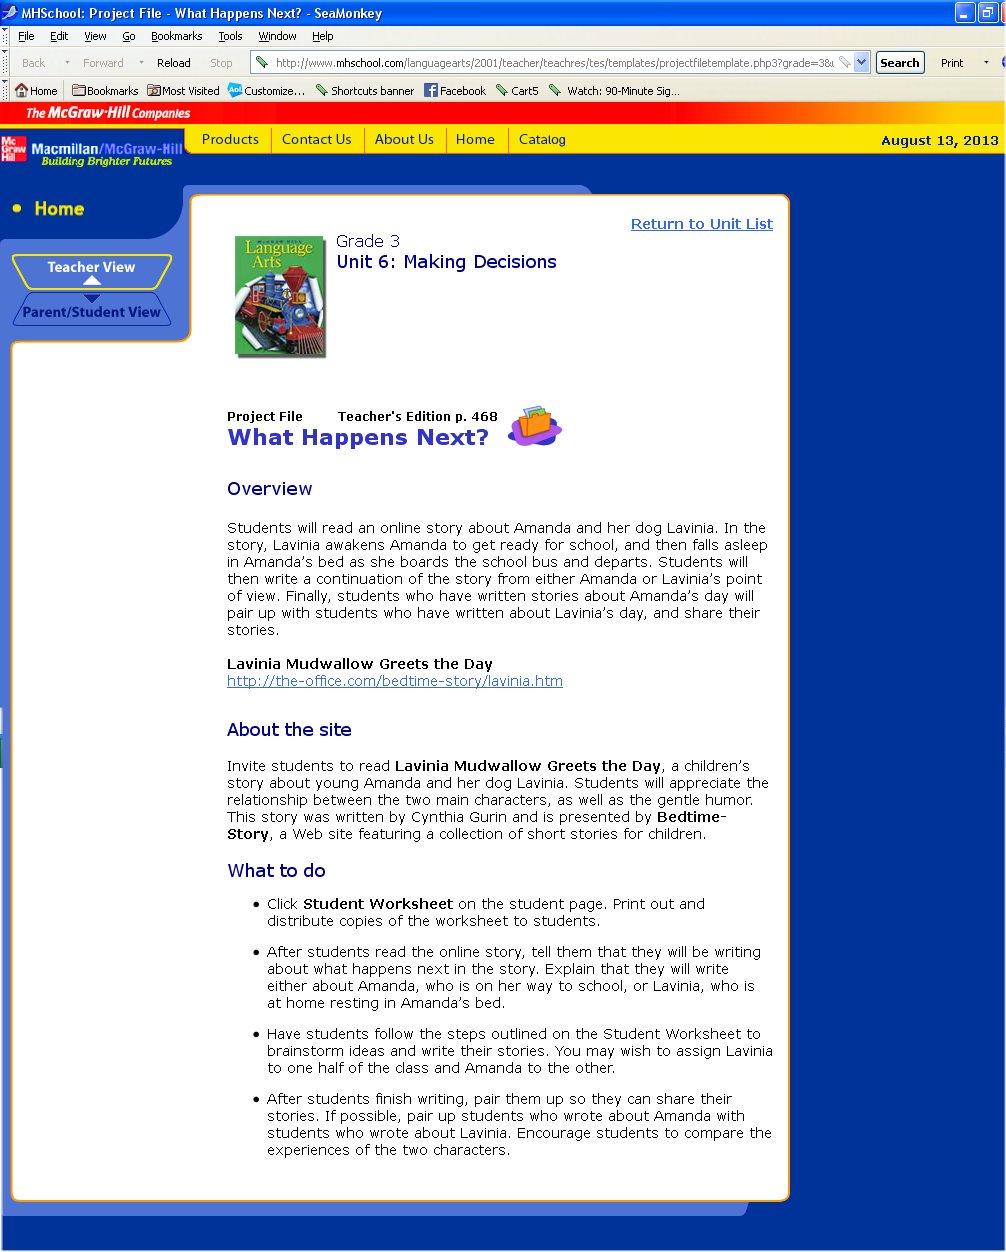 Bedtime-Story com - Publishing Whimsical Bedtime-Stories for Children